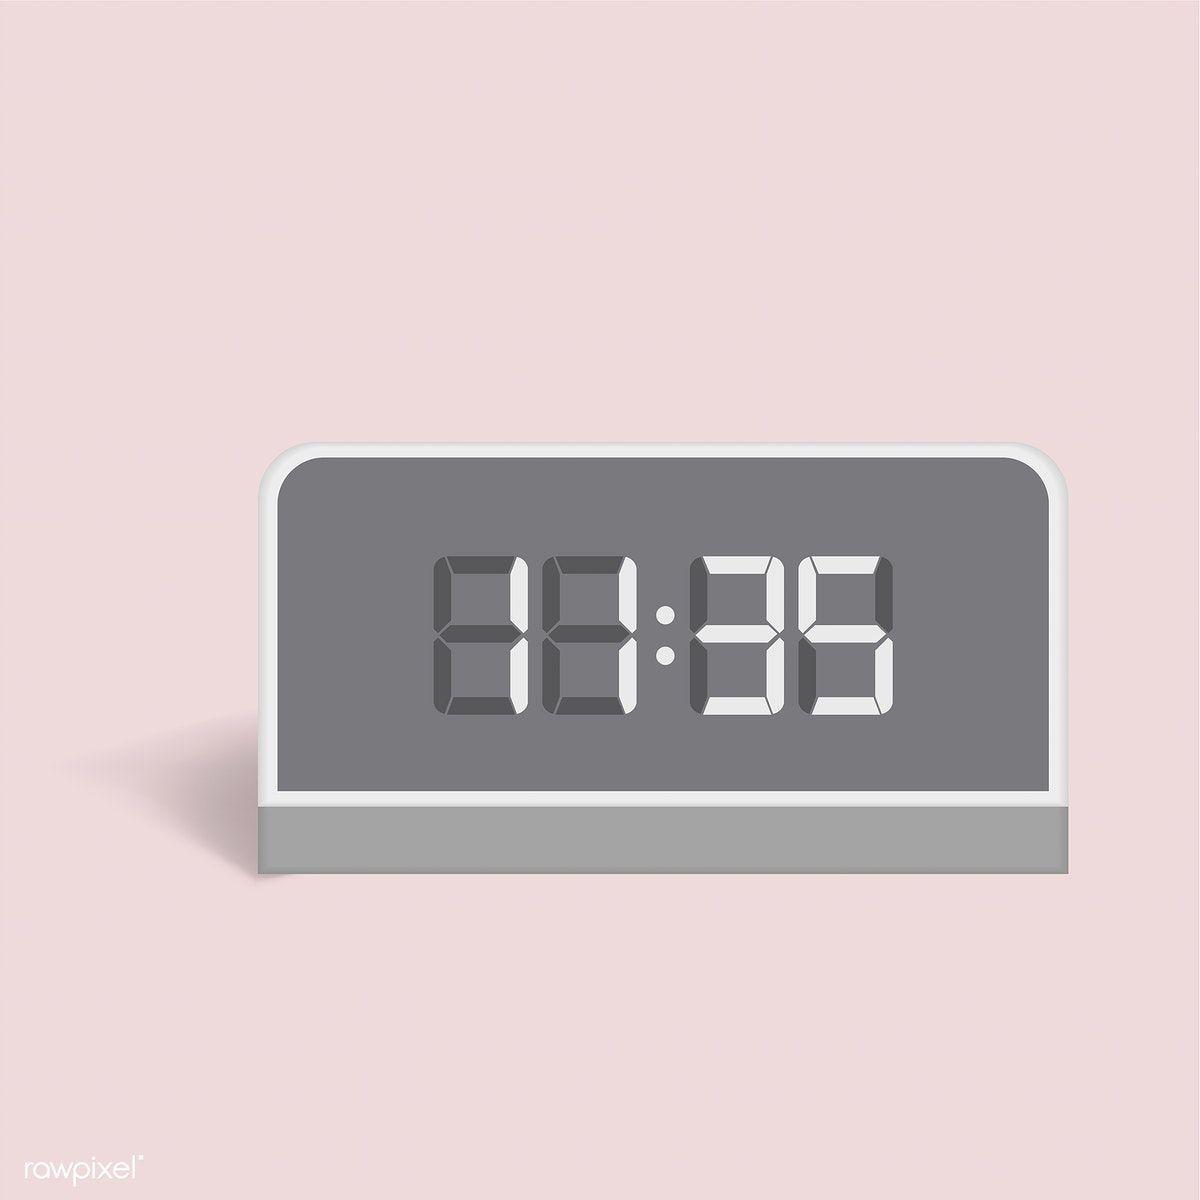 Vector Image Of Digital Alarm Clock Icon Free Image By Rawpixel Com Clock Icon Alarm Clock Digital Alarm Clock